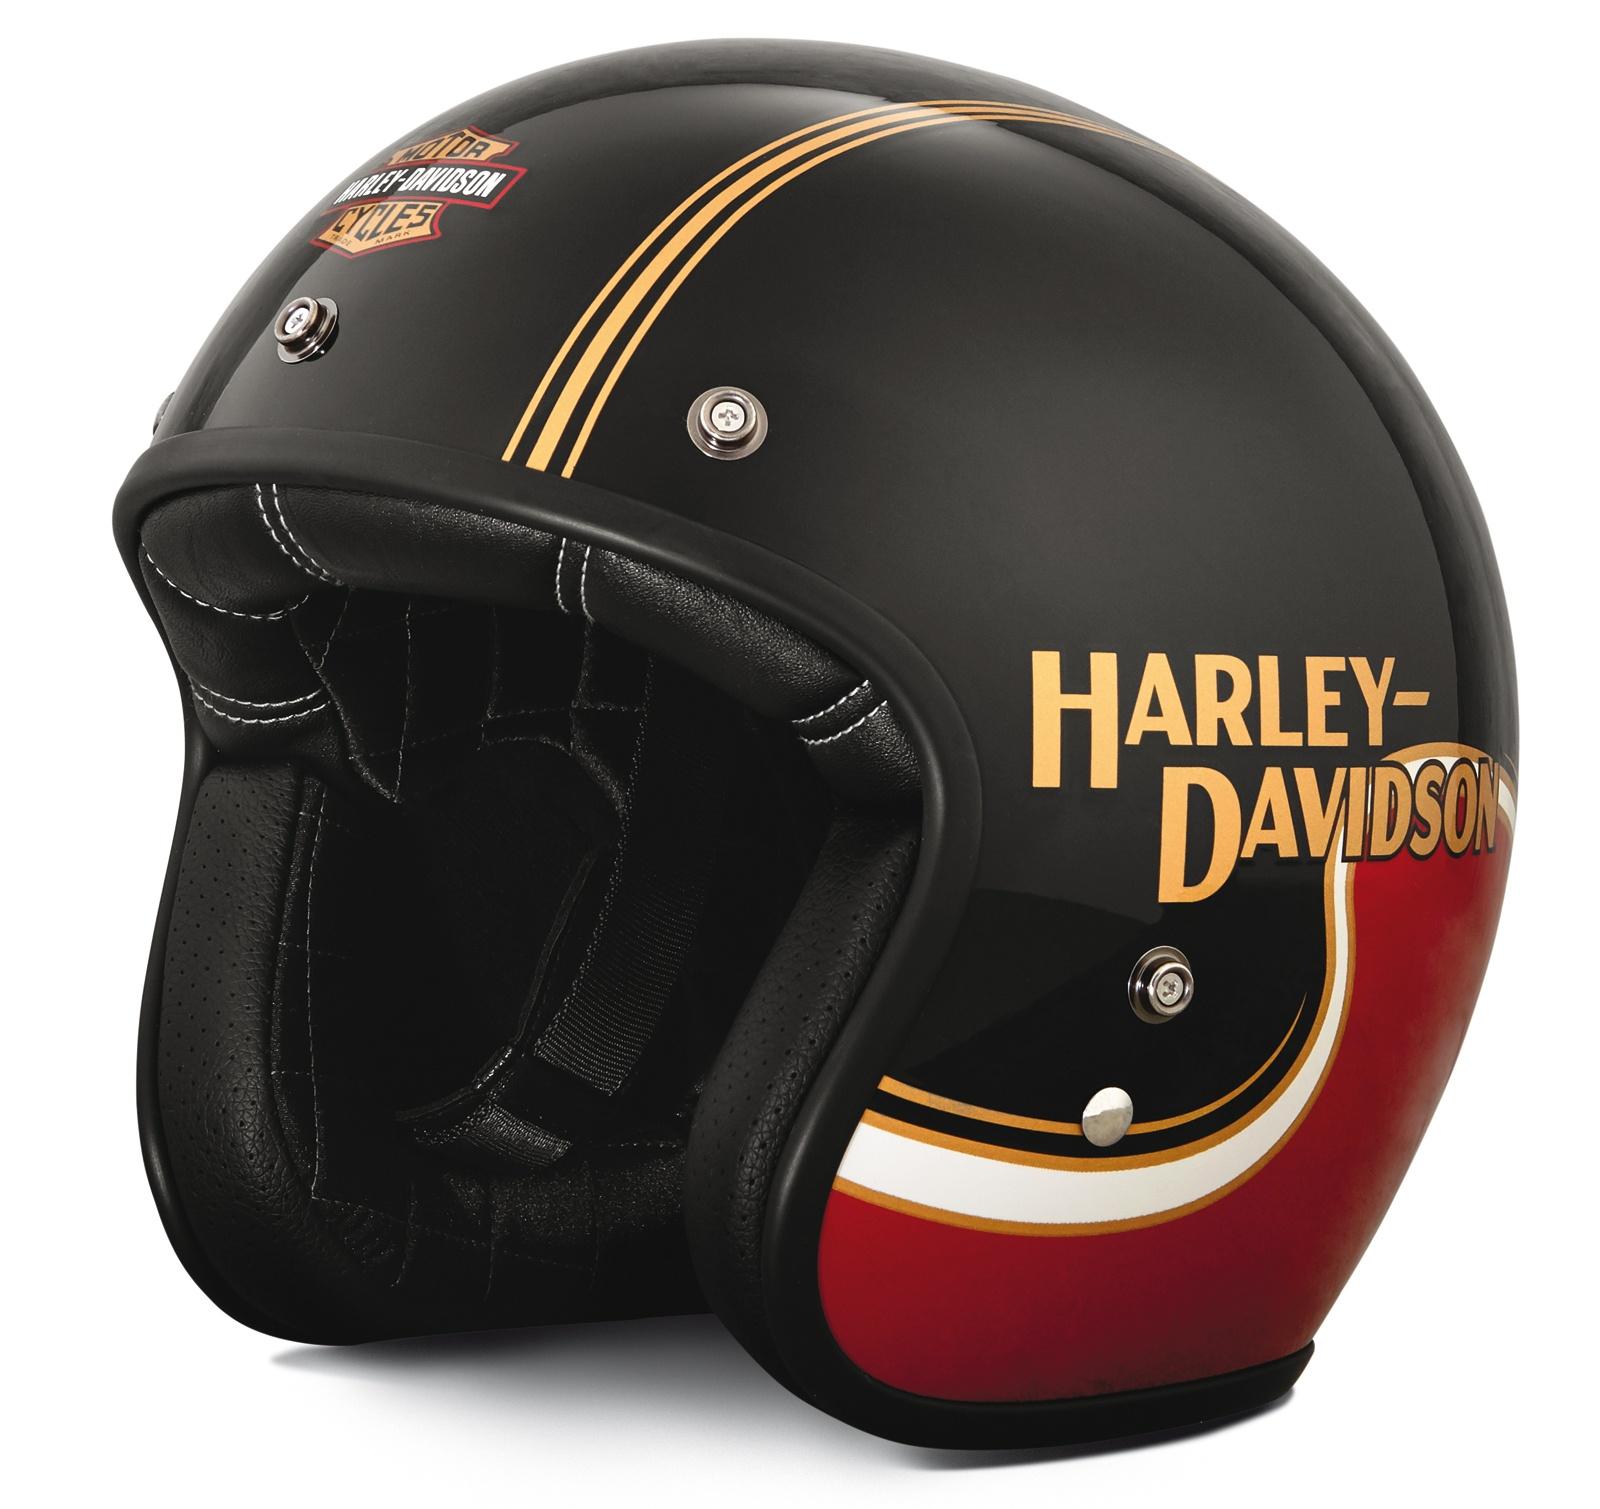 98277 19ex Harley Davidson Jethelm The Shovel B01 Im